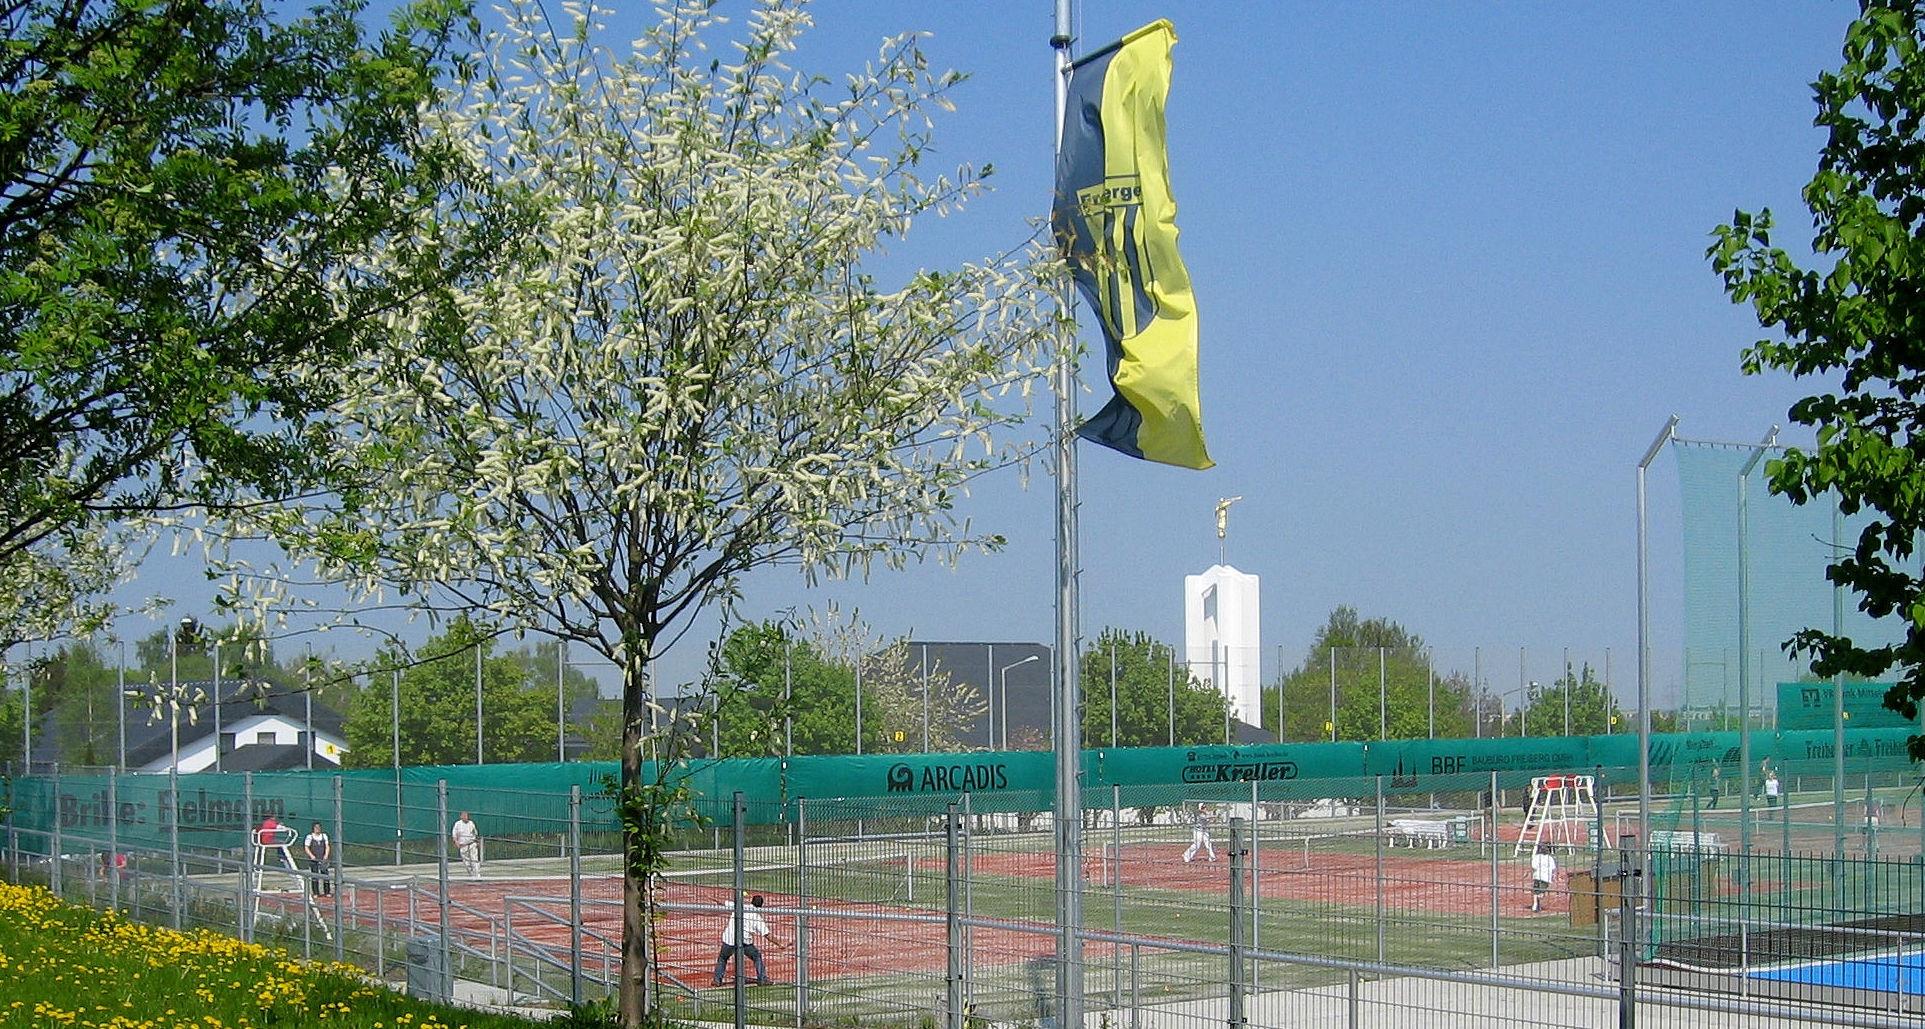 CoronaVirus: Tennisanlagen für aktiven Sport unter Auflagen geöffnet